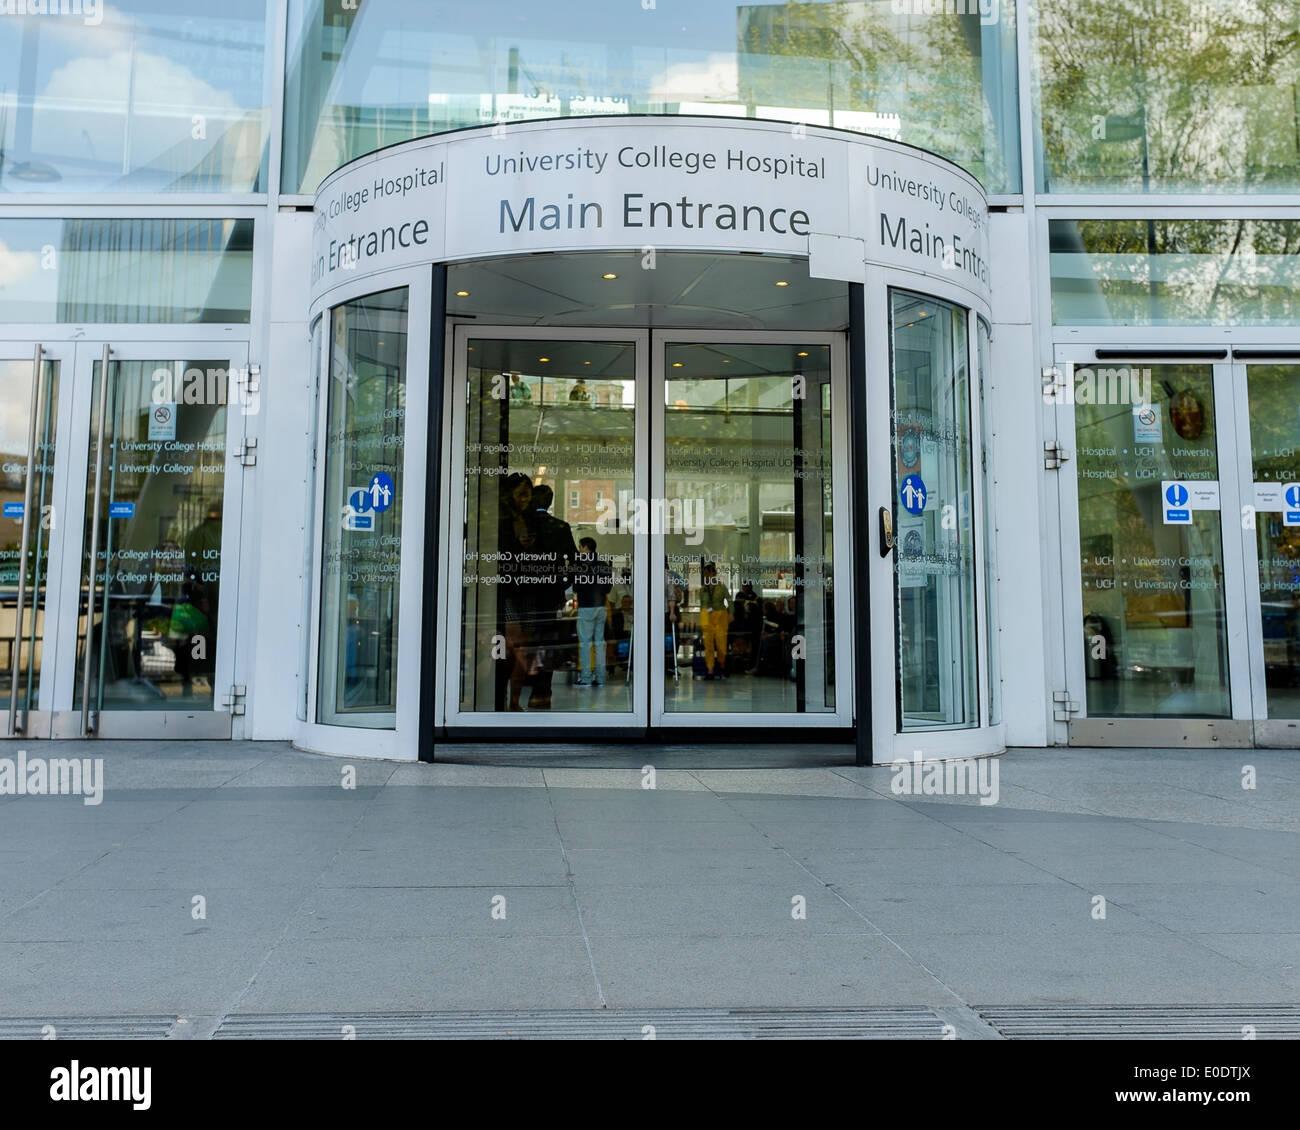 Der Haupteingang zum University College Hospital auf Euston Road, öffnen Schiebetüren. London, England. Stockbild